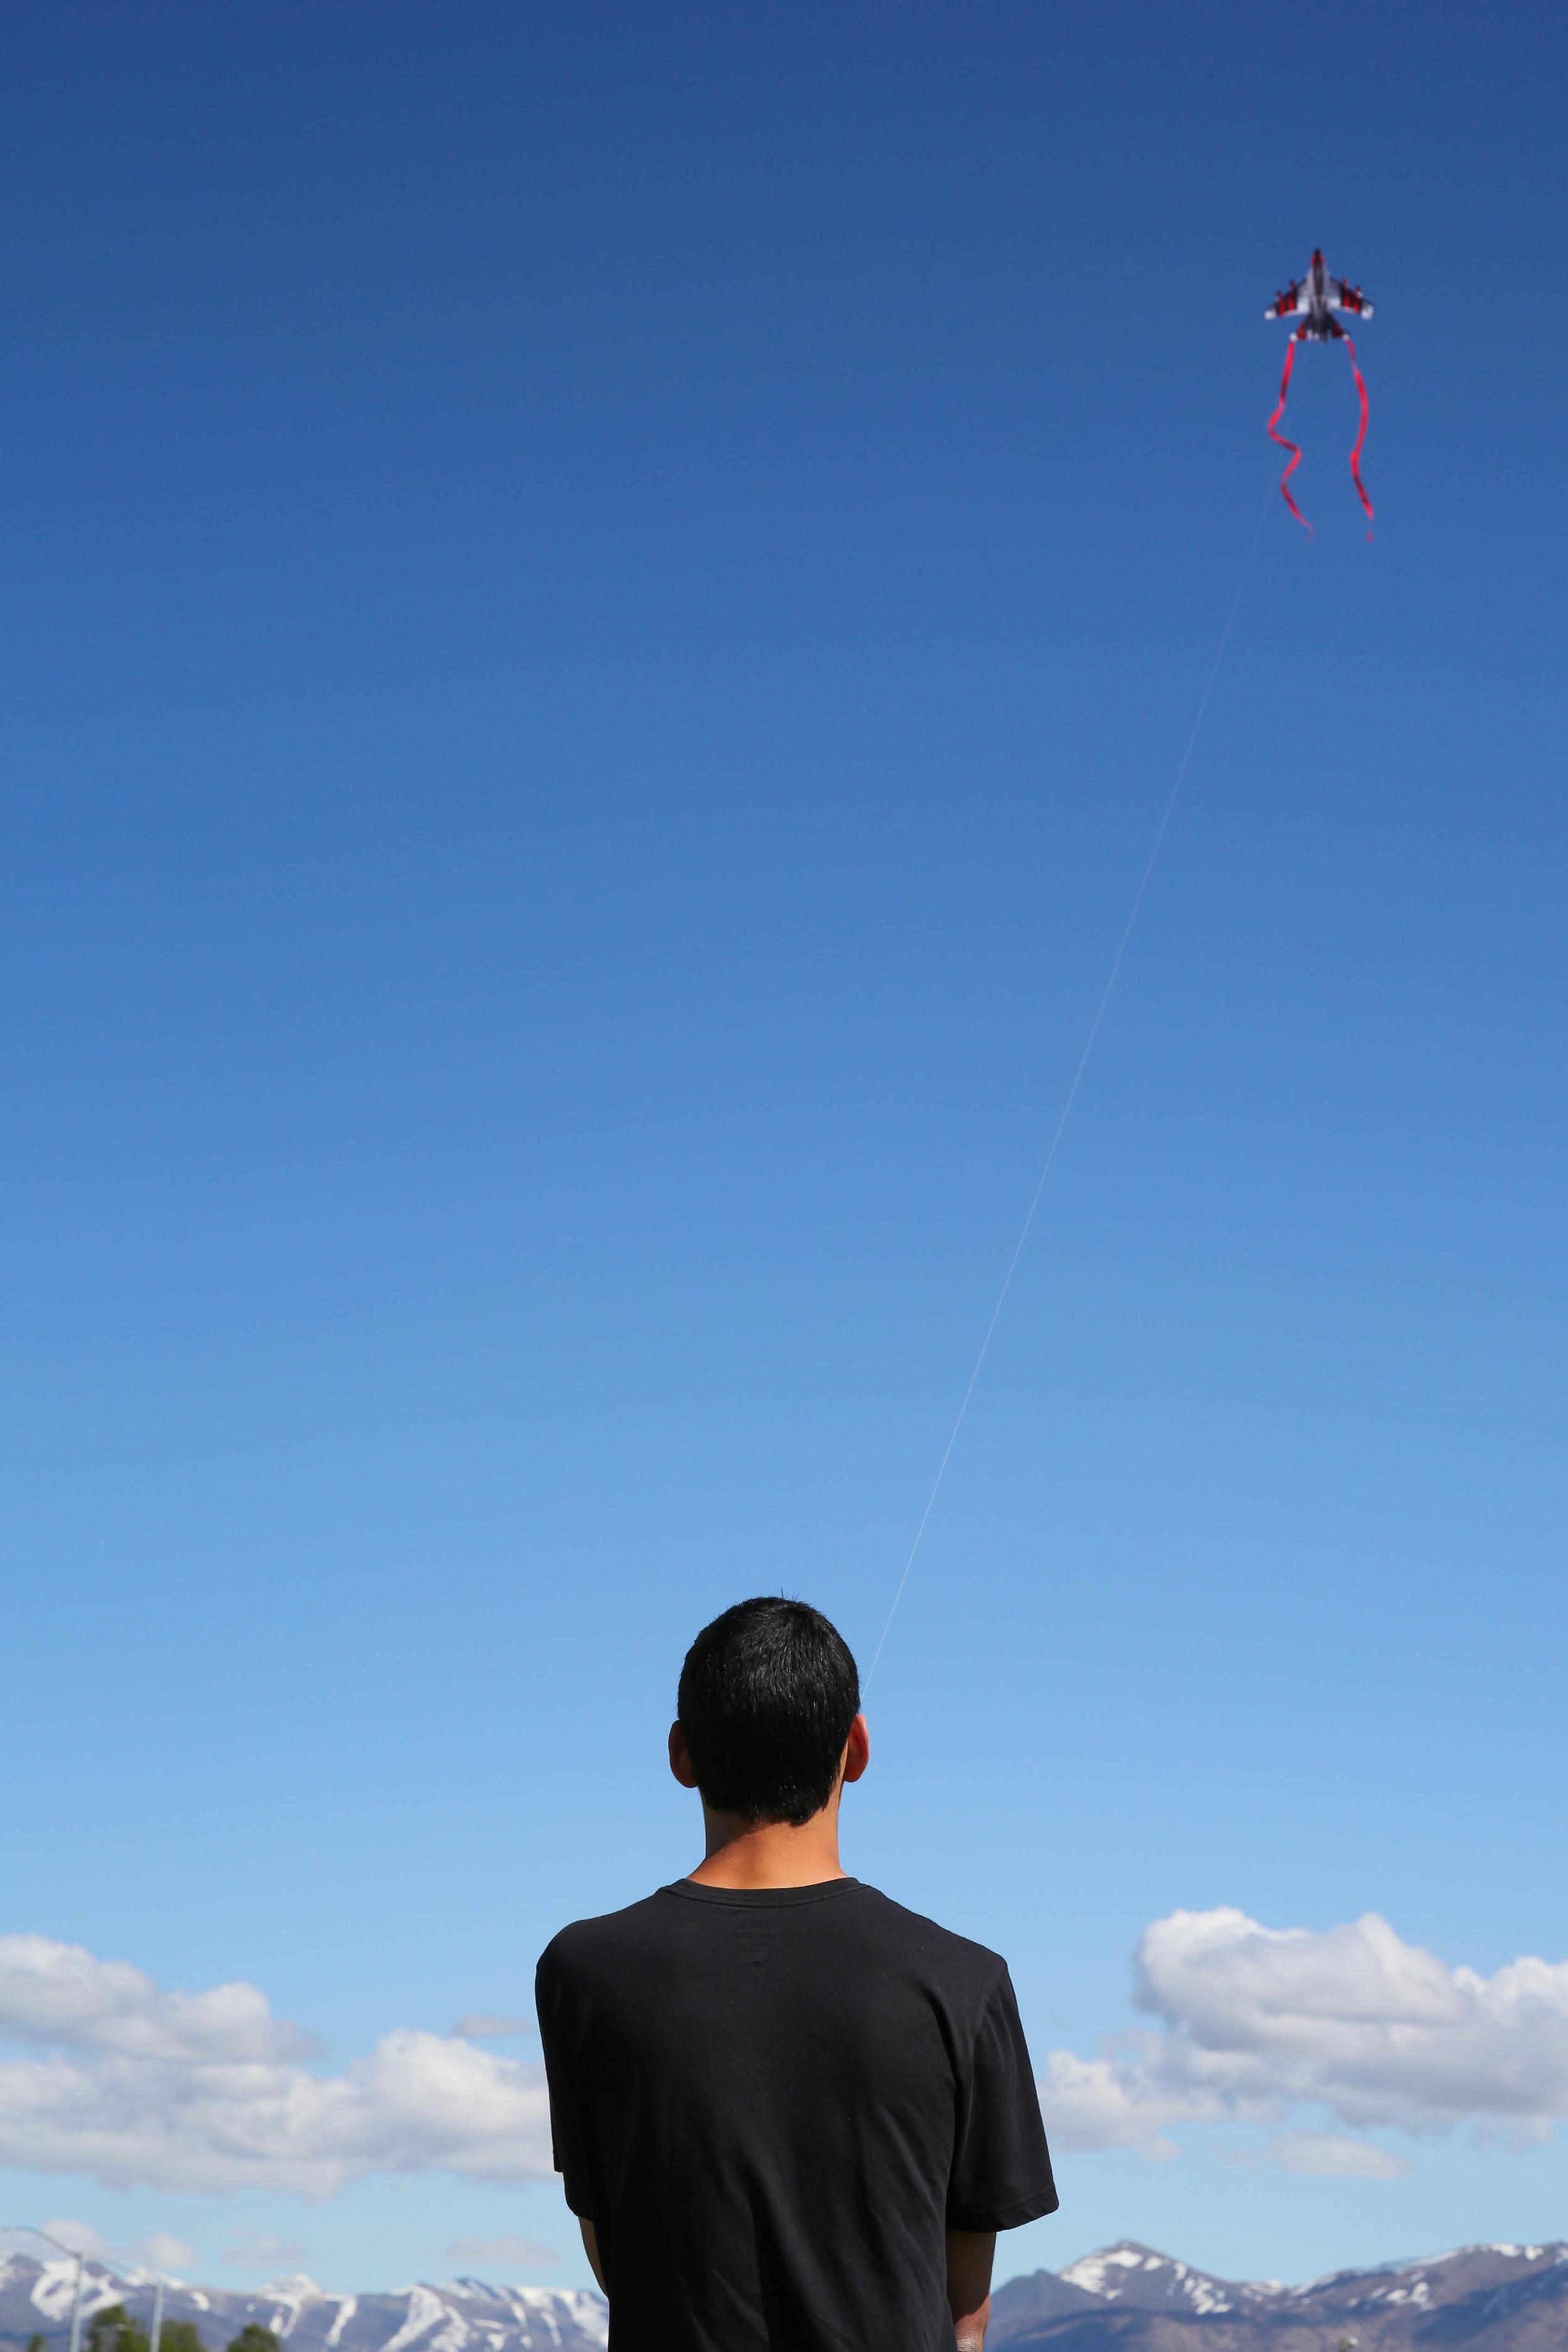 Kite flying at the Delainey Park Strip.